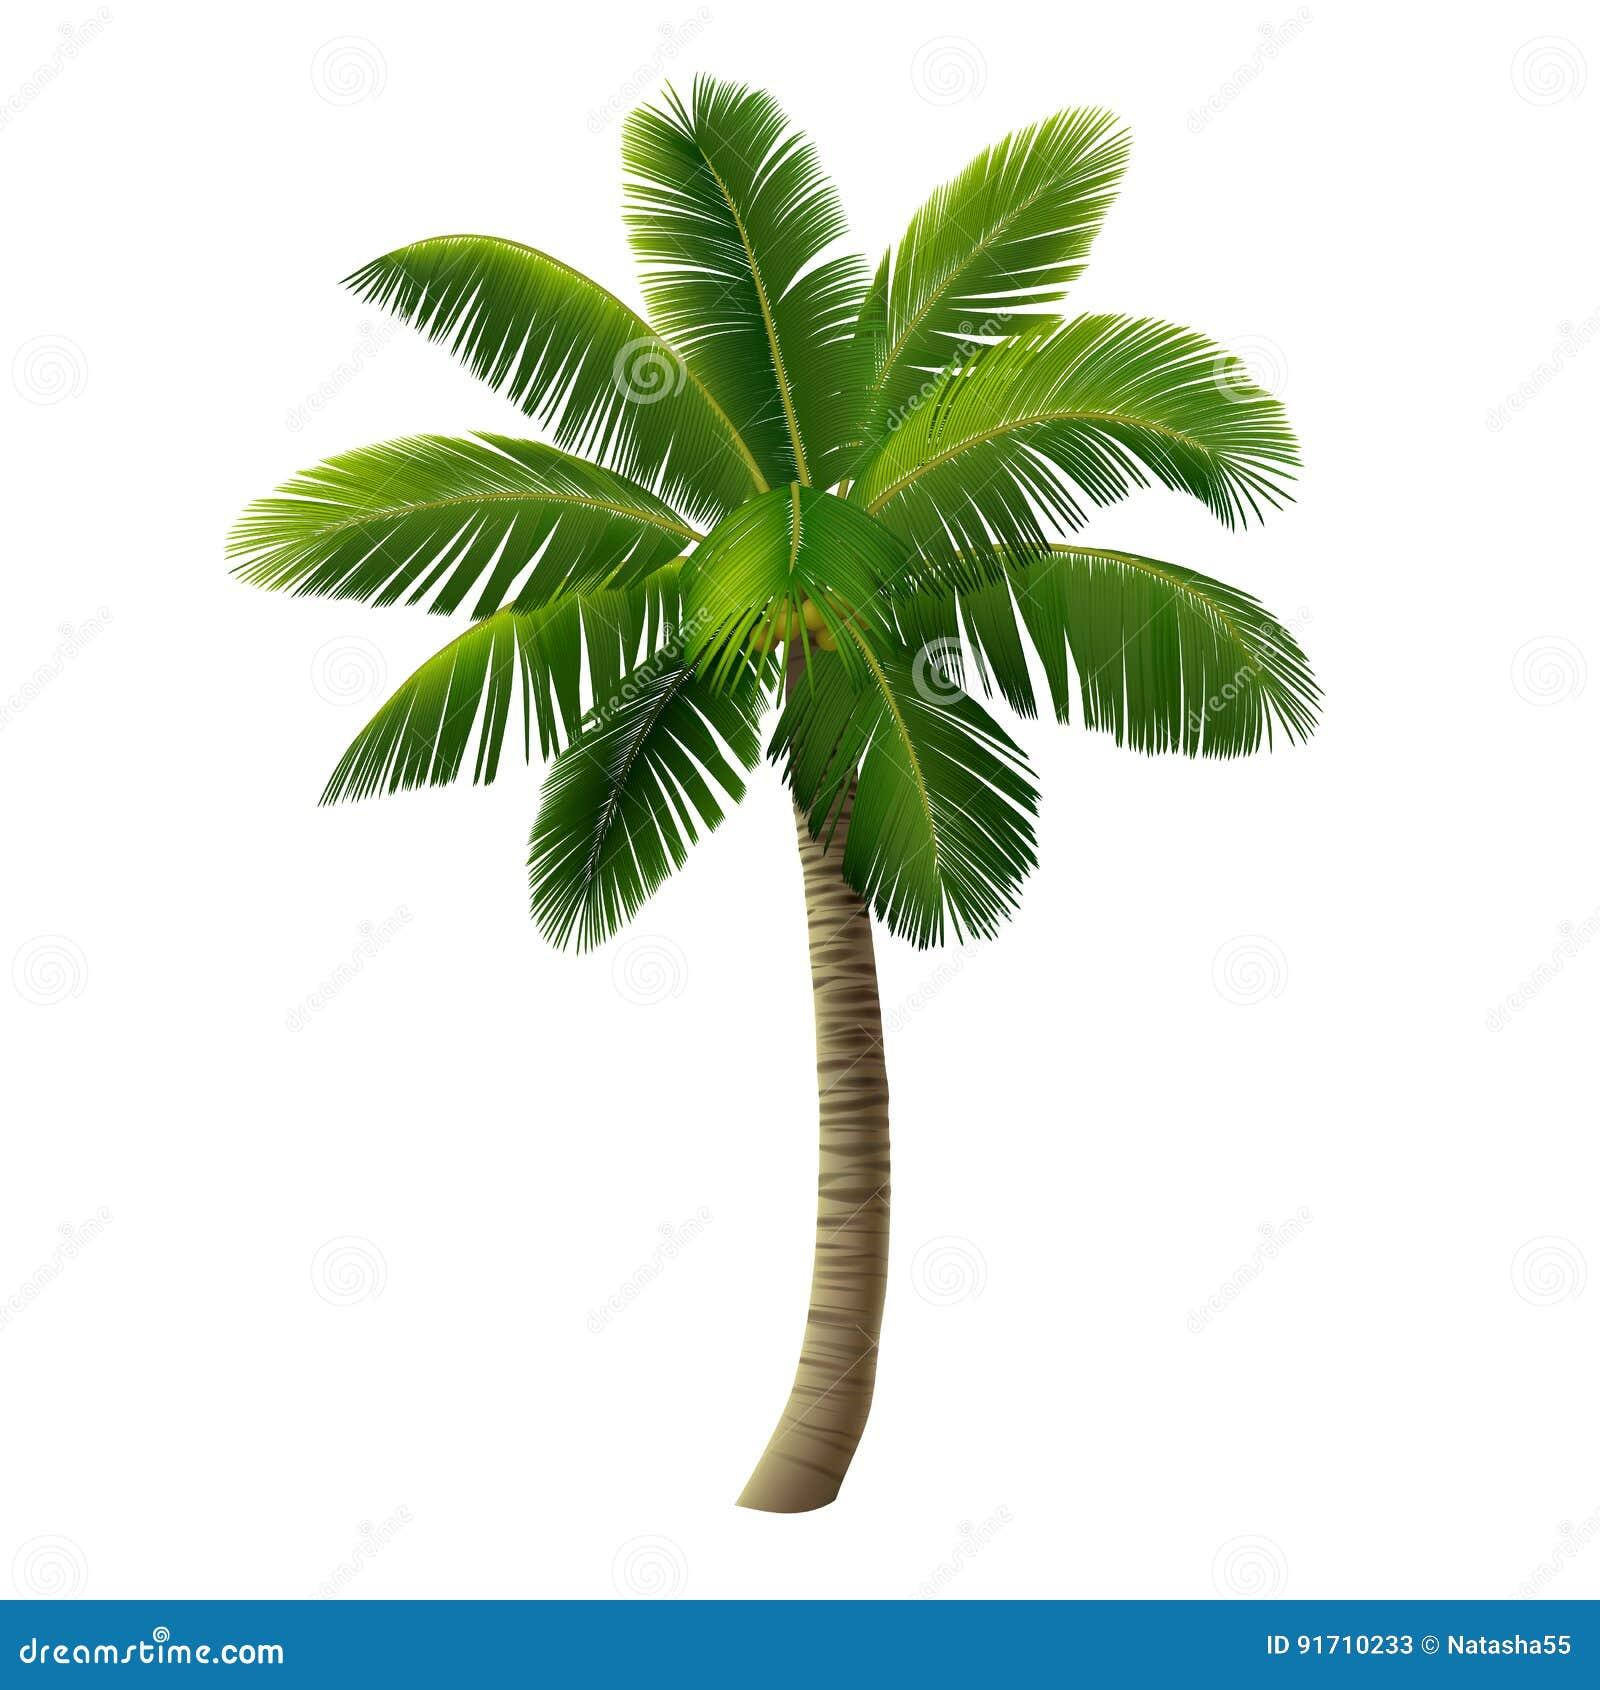 palmier a noix en 4 lettres